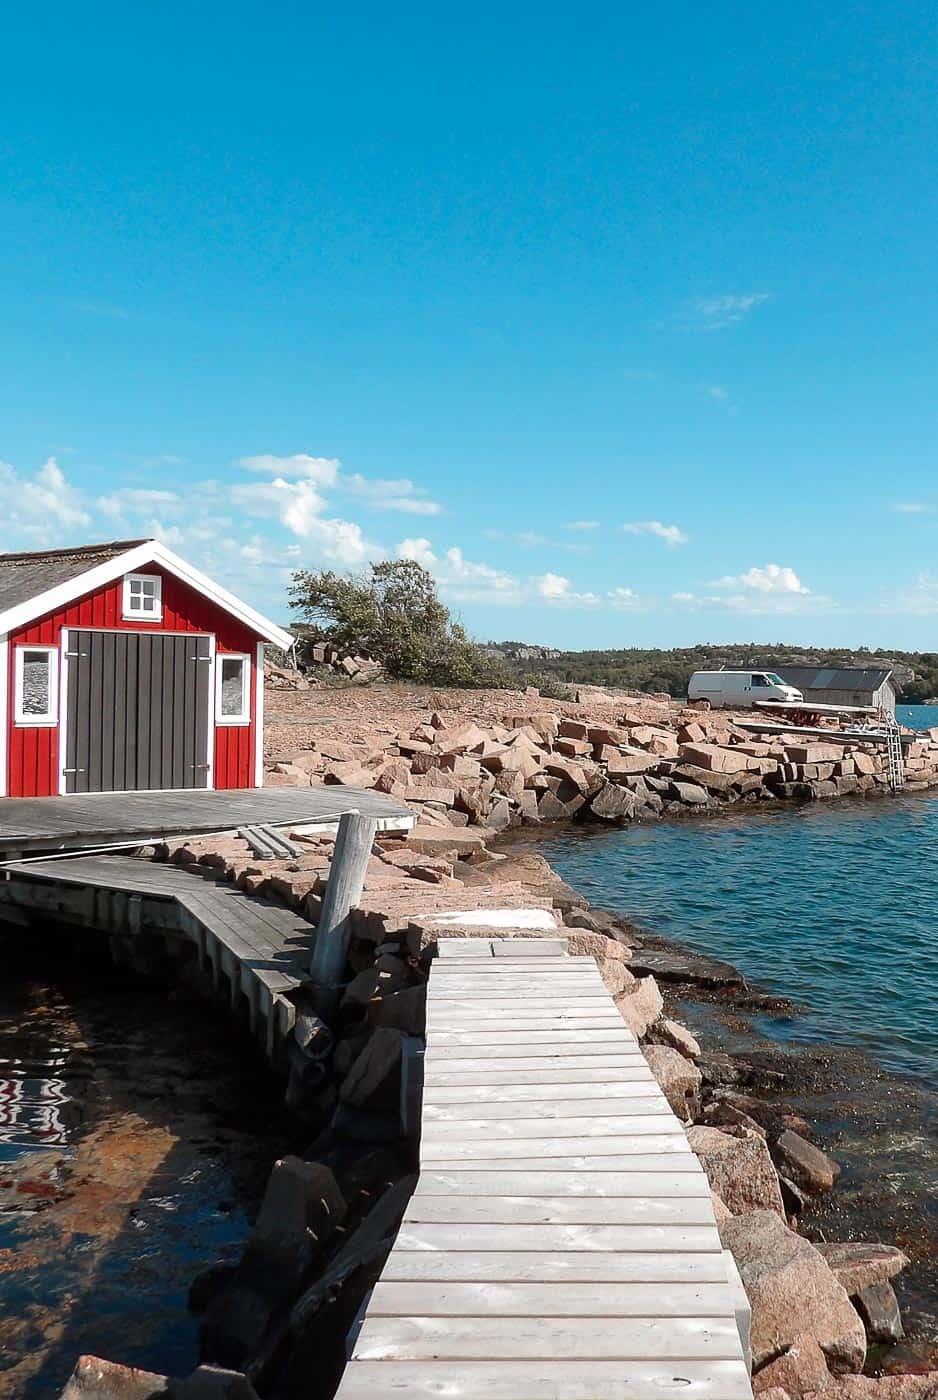 Conduire en Suède, l'essentiel du code de la route suédois : limitations de vitesse, âge du permis, parkings, péages, équipement obligatoire, conditions hivernales, et de façon générale tout ce qu'il faut savoir pour rouler avec sa voiture en Suède... | Histoires de tongs, le blog voyage passionnément alternatif